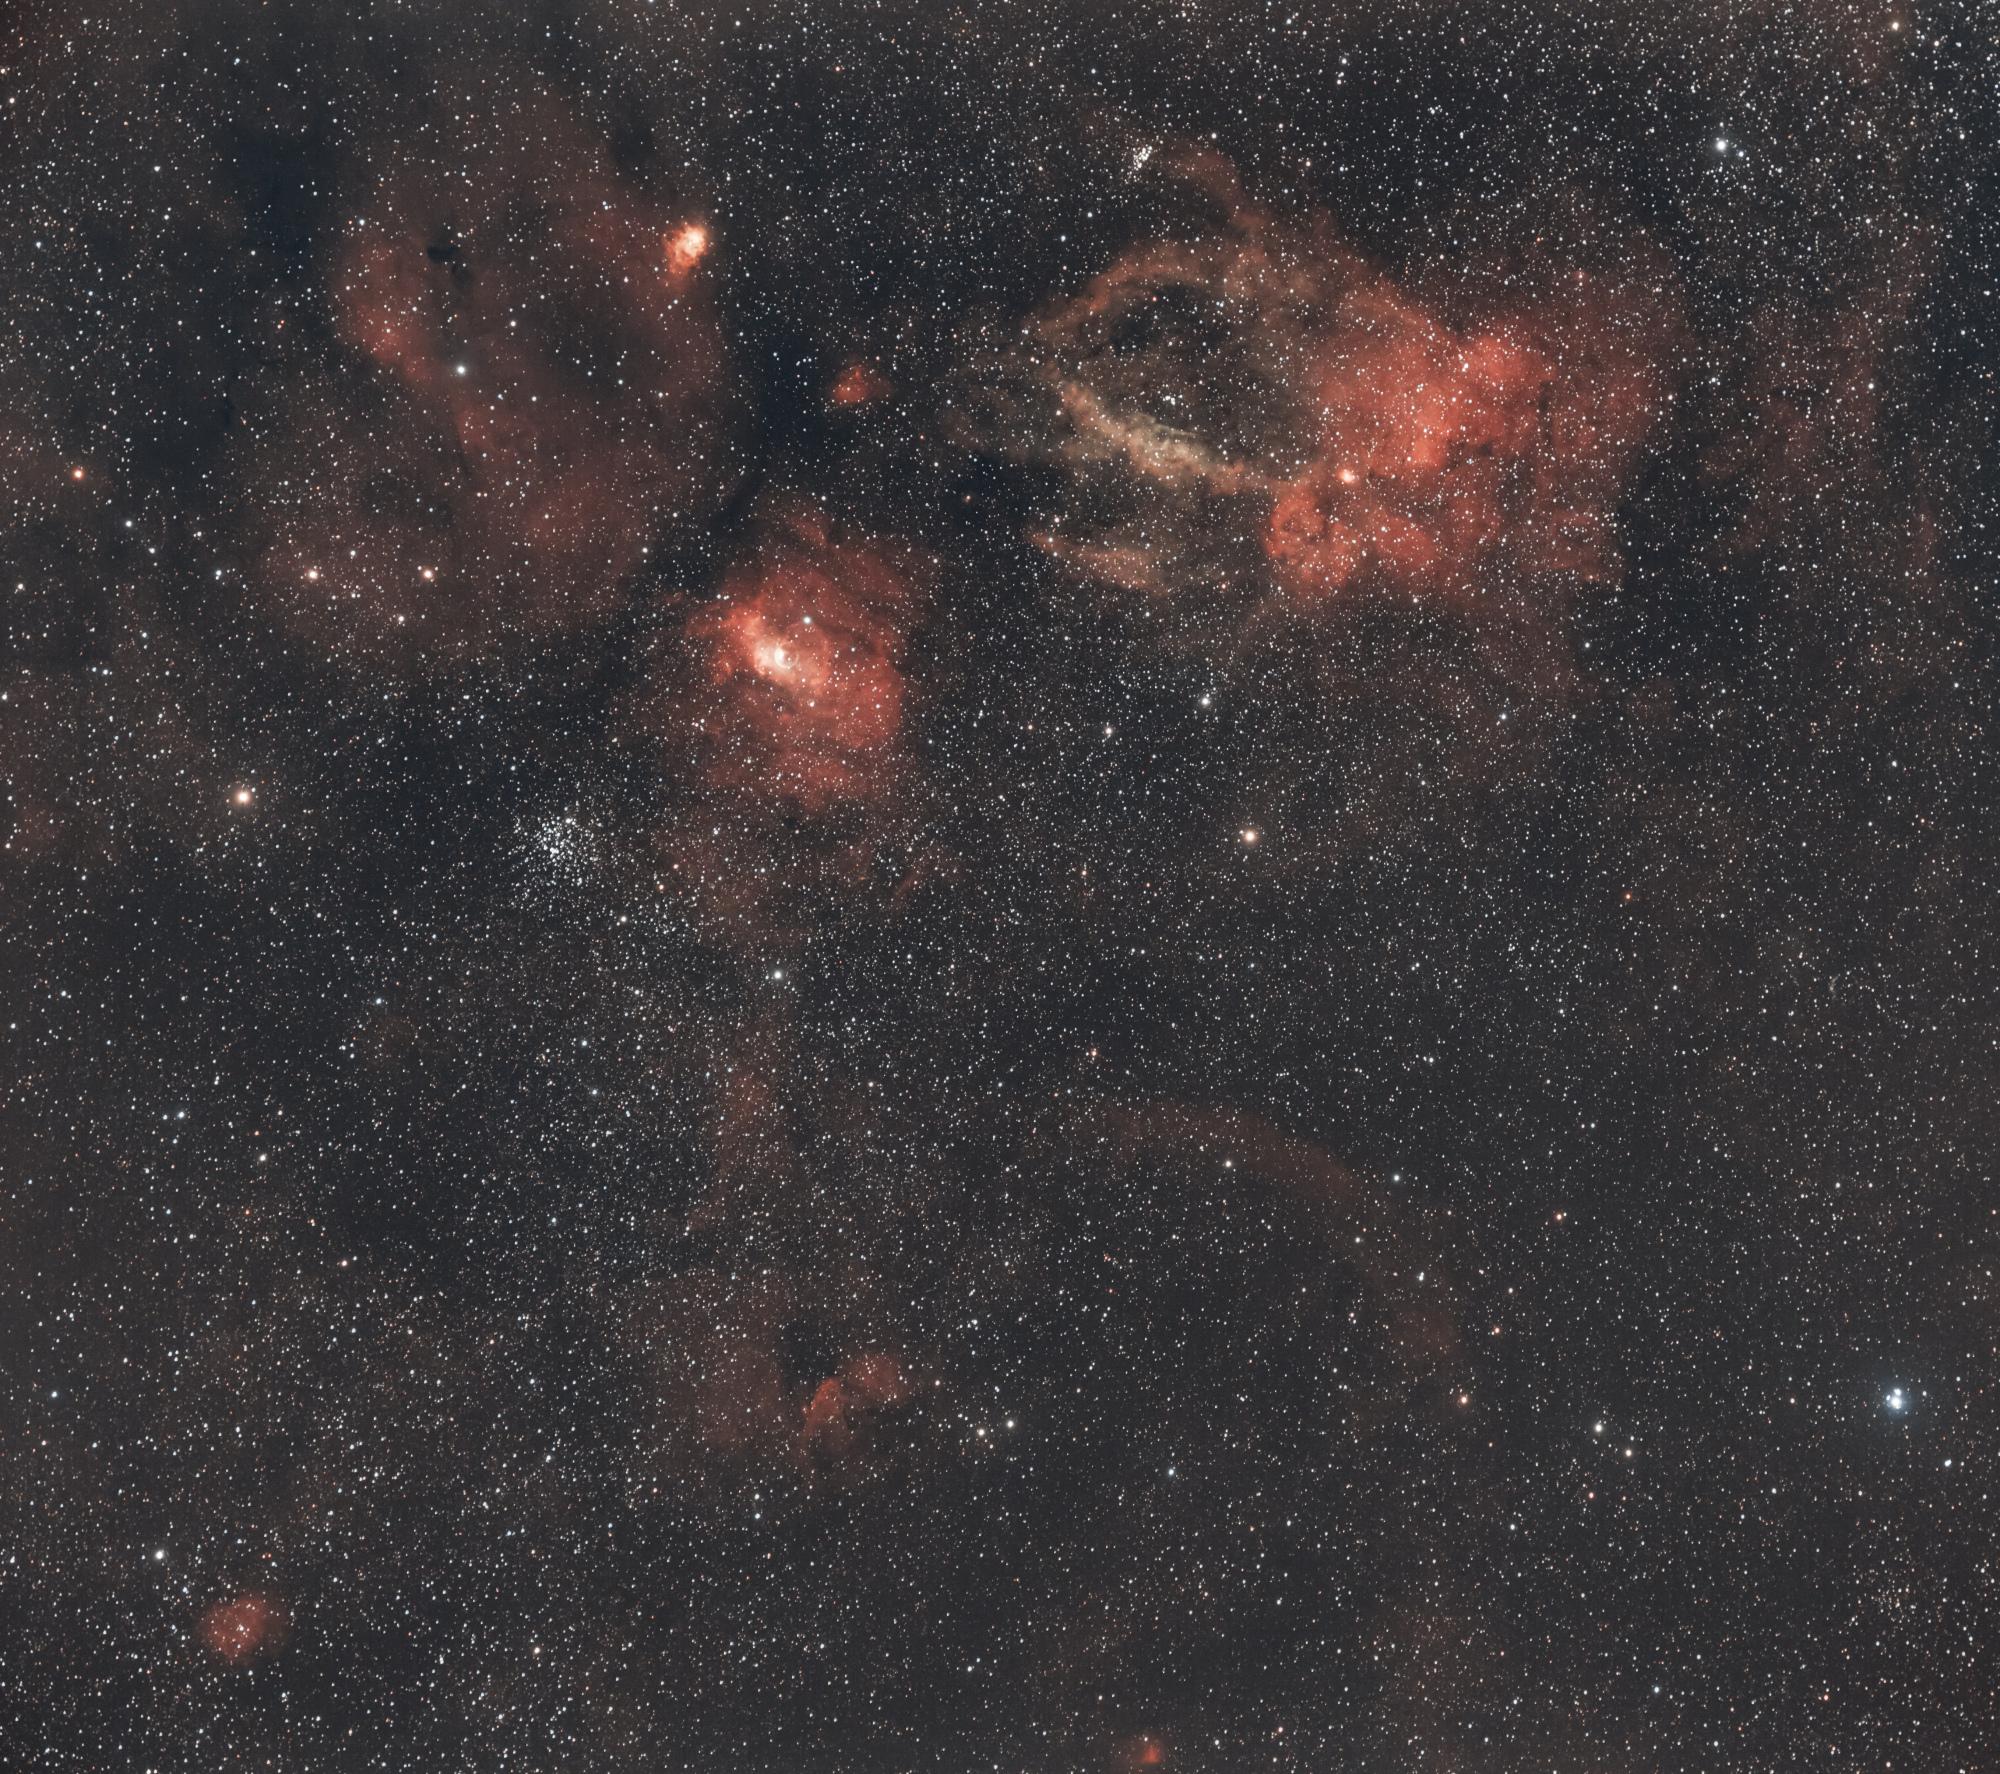 NGC7635_full_90fl_094_triad.thumb.jpg.f8041c65b325619c1434b6c6f3c4c6e3.jpg